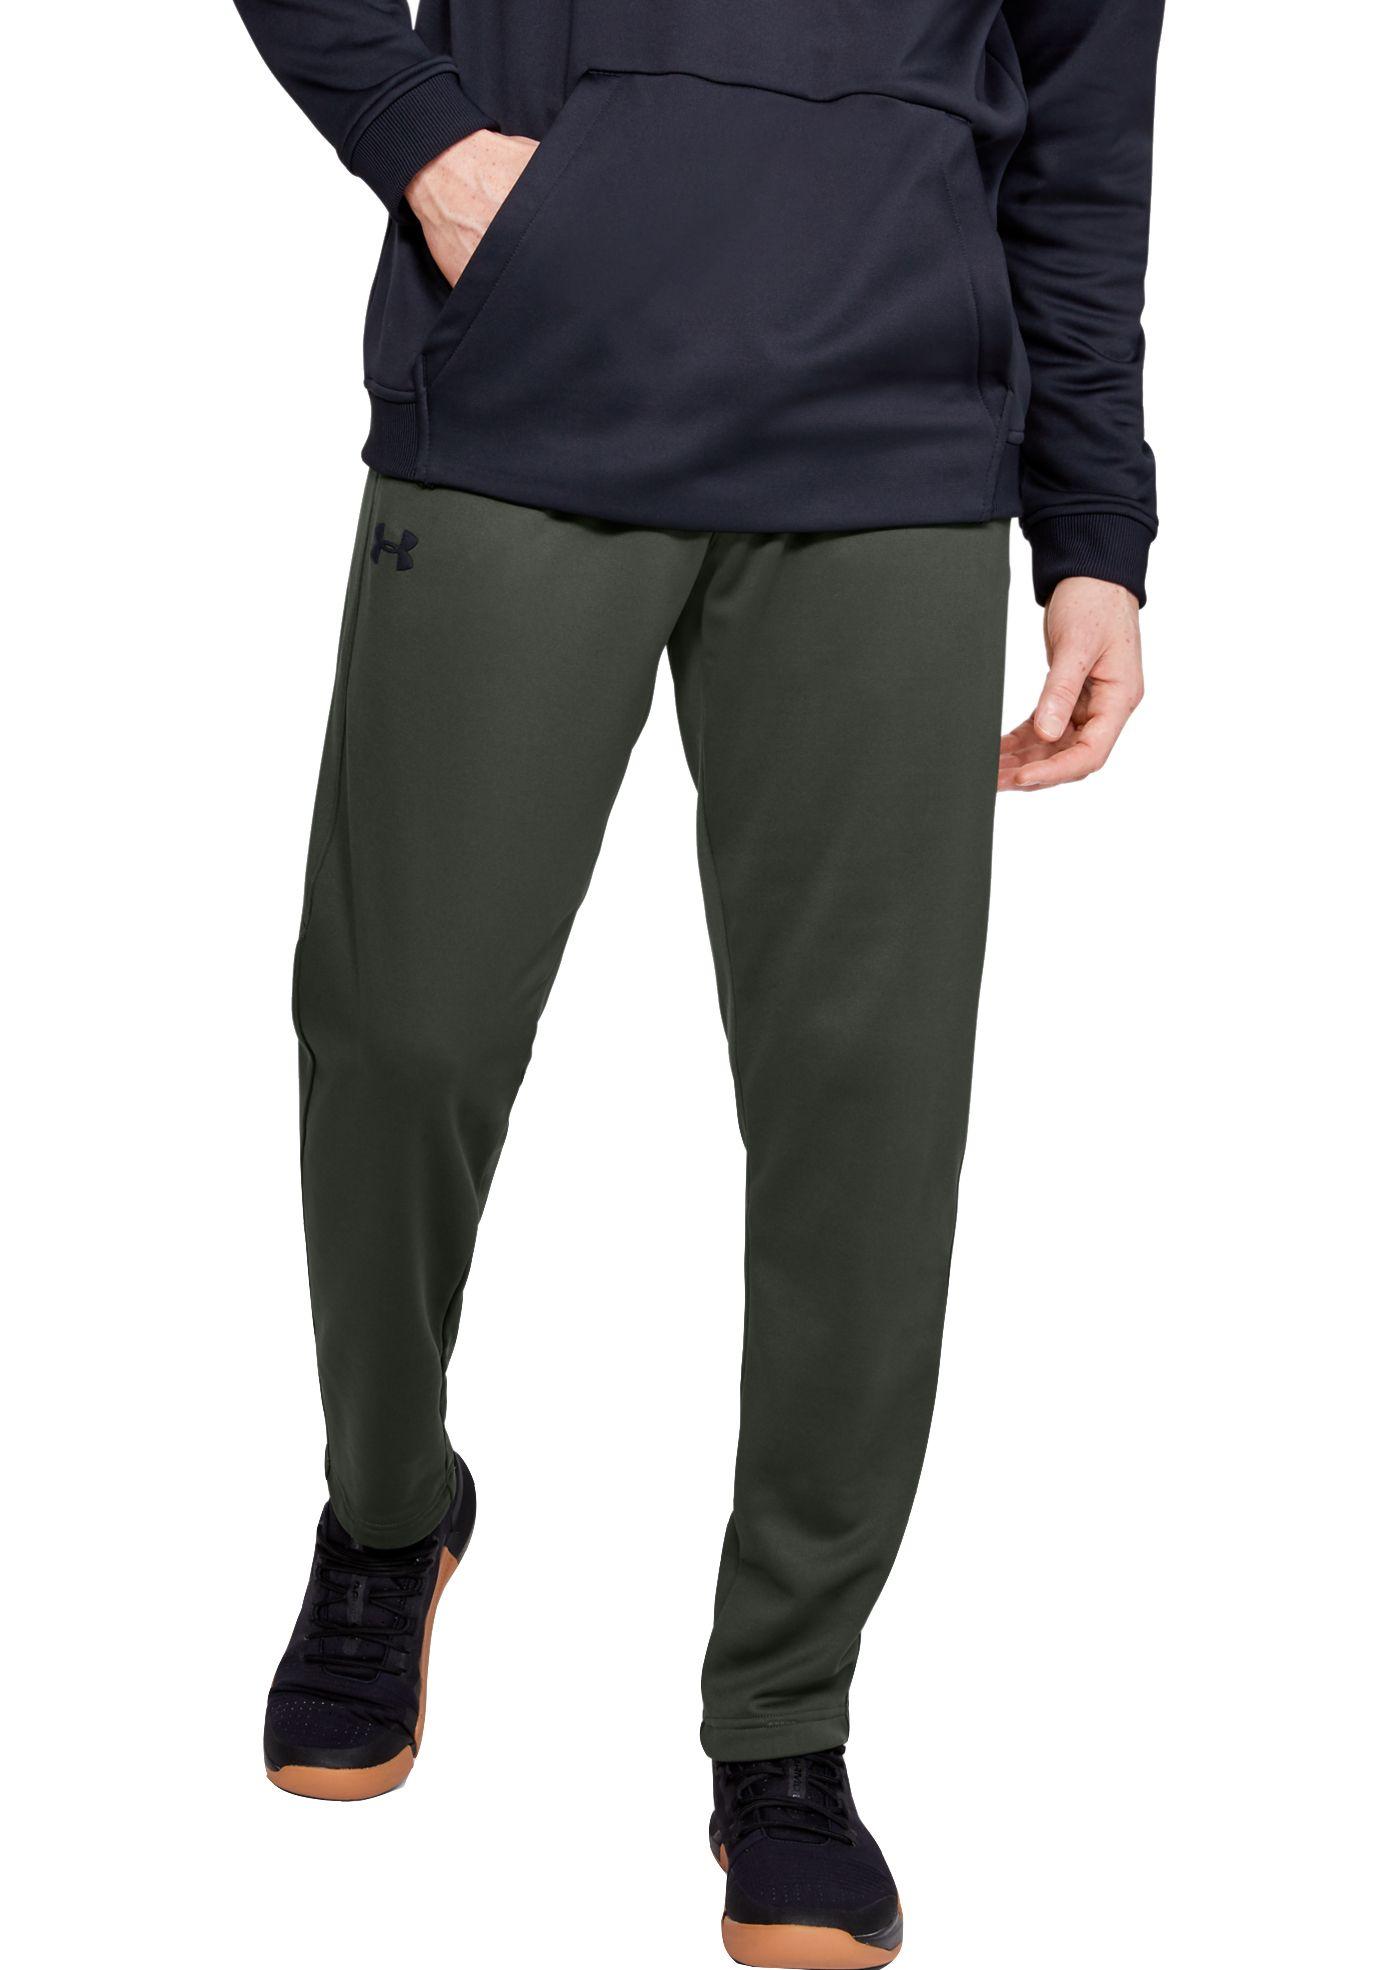 Under Armour Men's Armour Fleece Pants (Regular and Big & Tall)